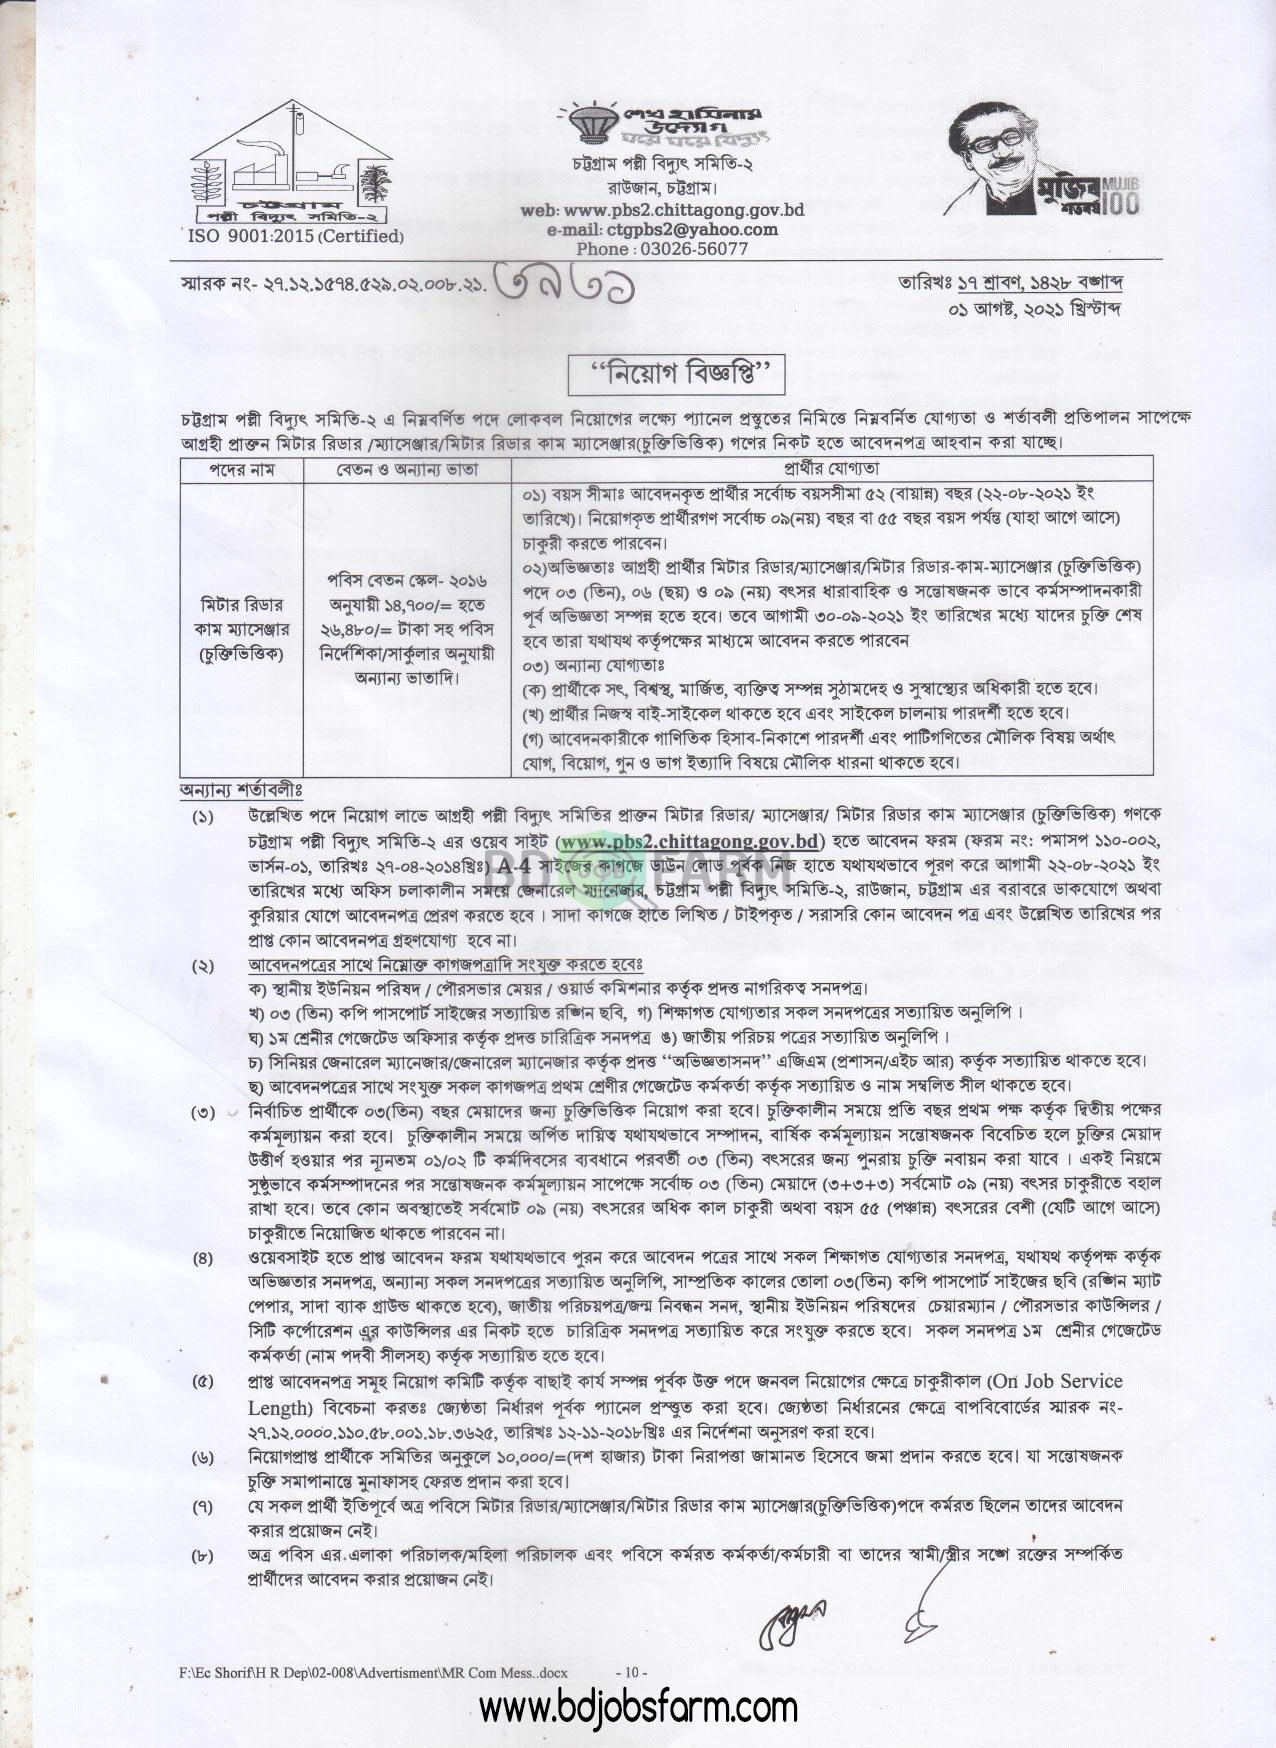 চট্টগ্রাম পল্লী বিদ্যুৎ সমিতি নিয়োগ বিজ্ঞপ্তি